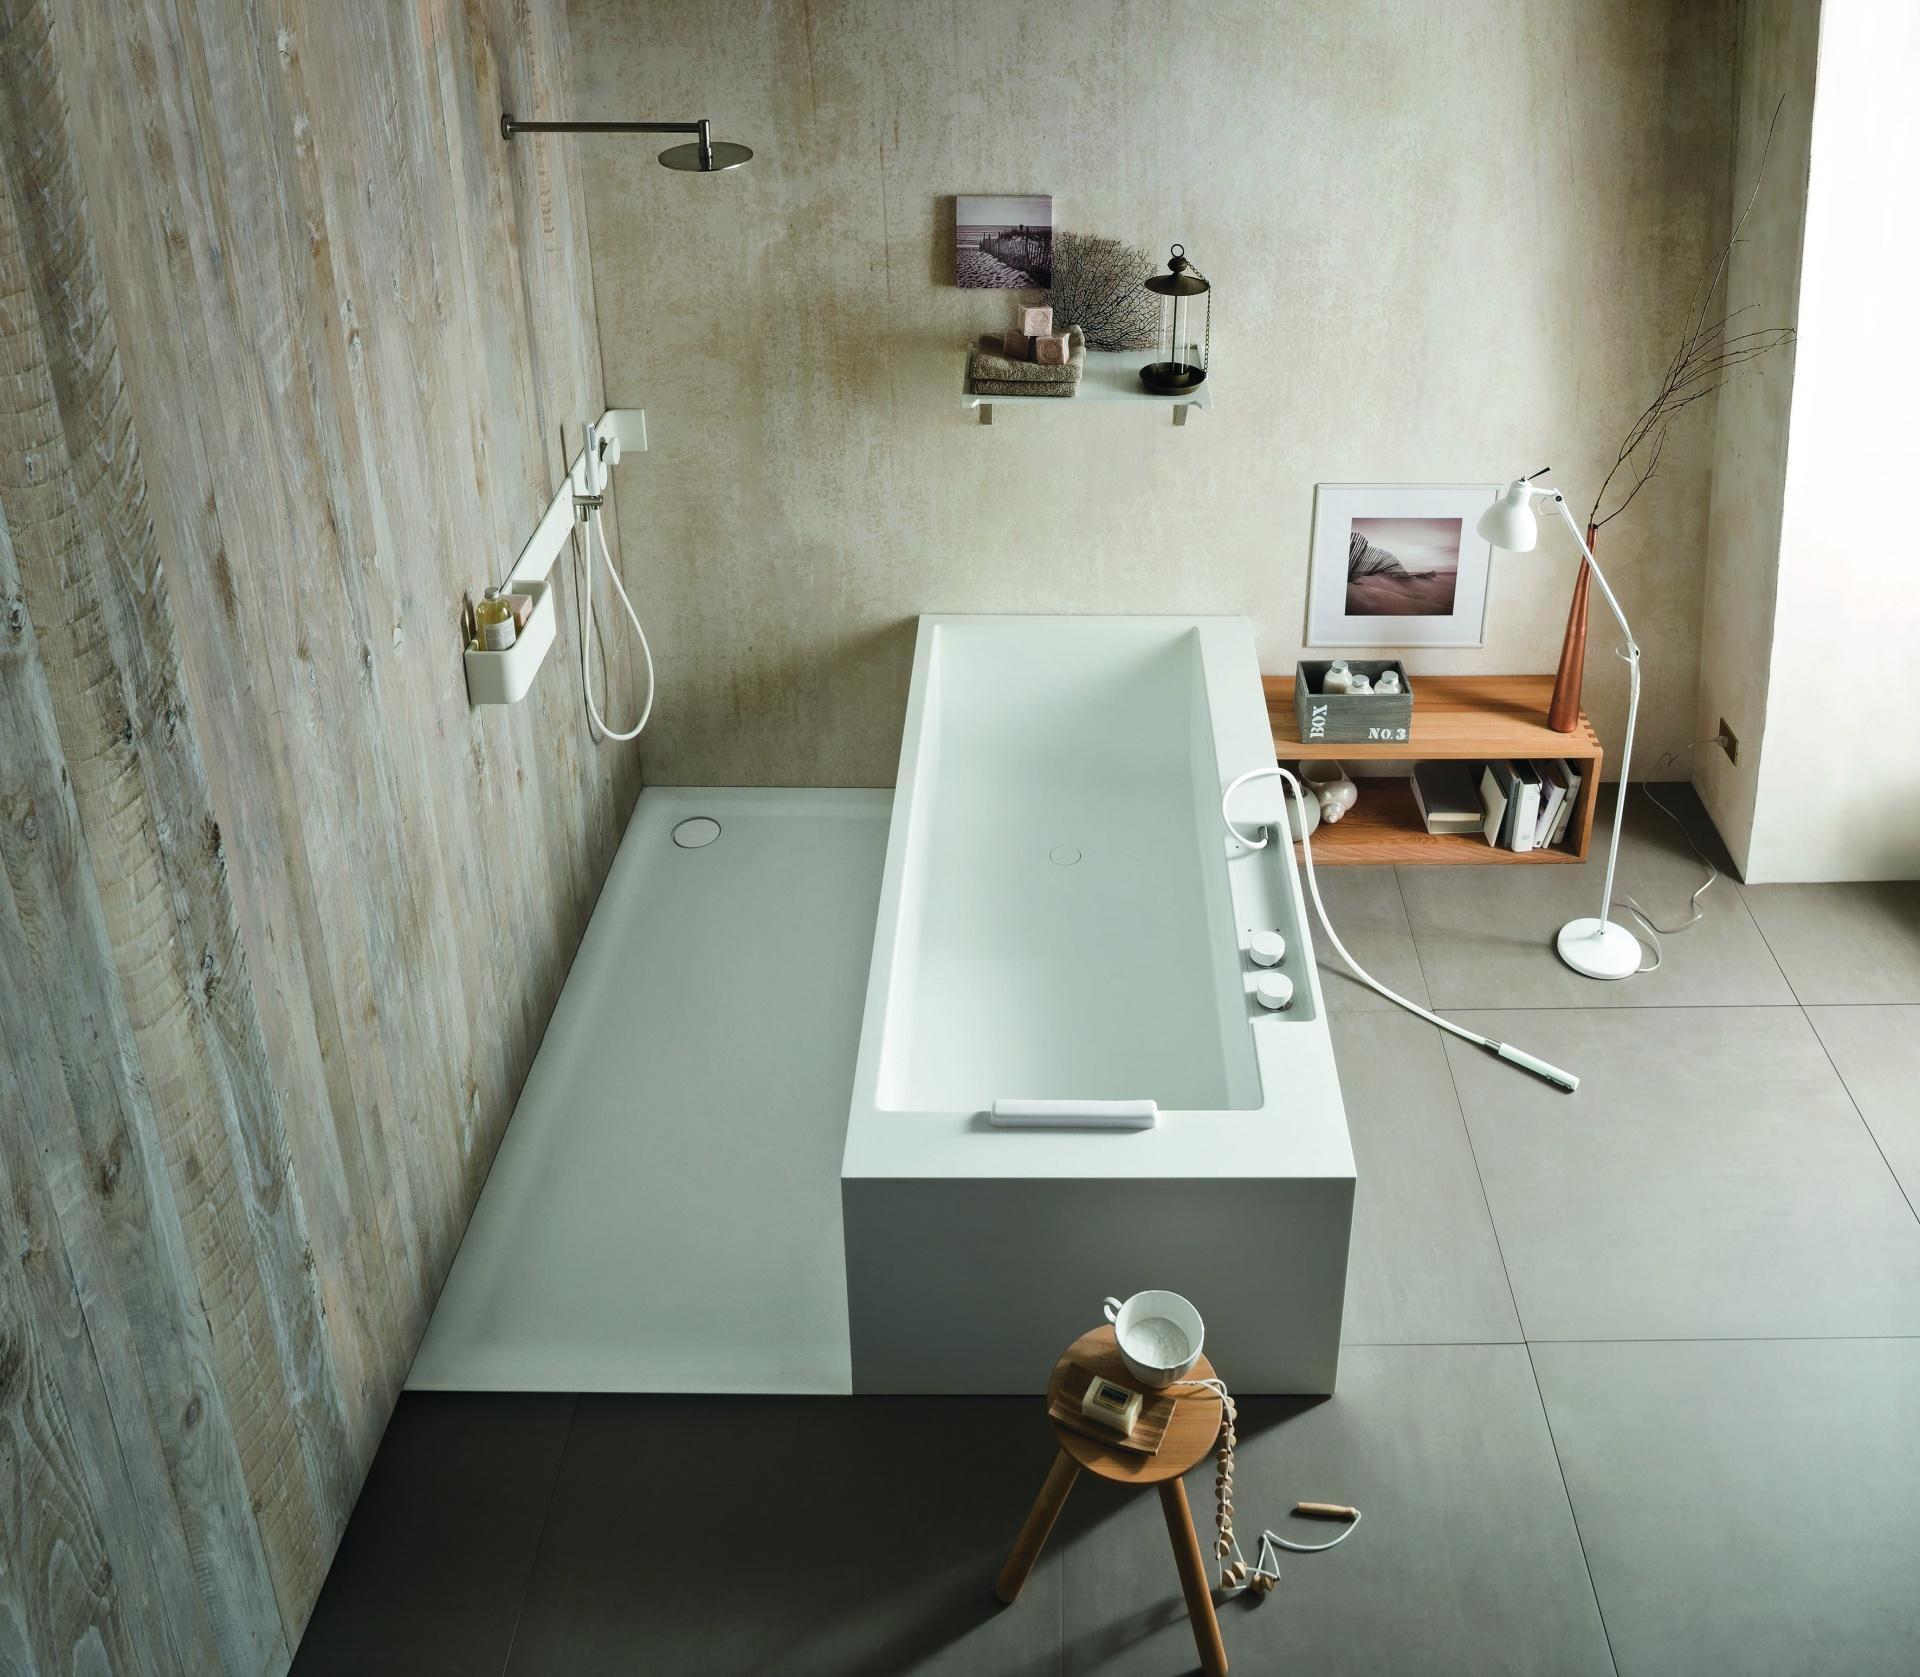 Dusche oder Badewanne: Tipps für den Badezimmer-Umbau | homegate.ch